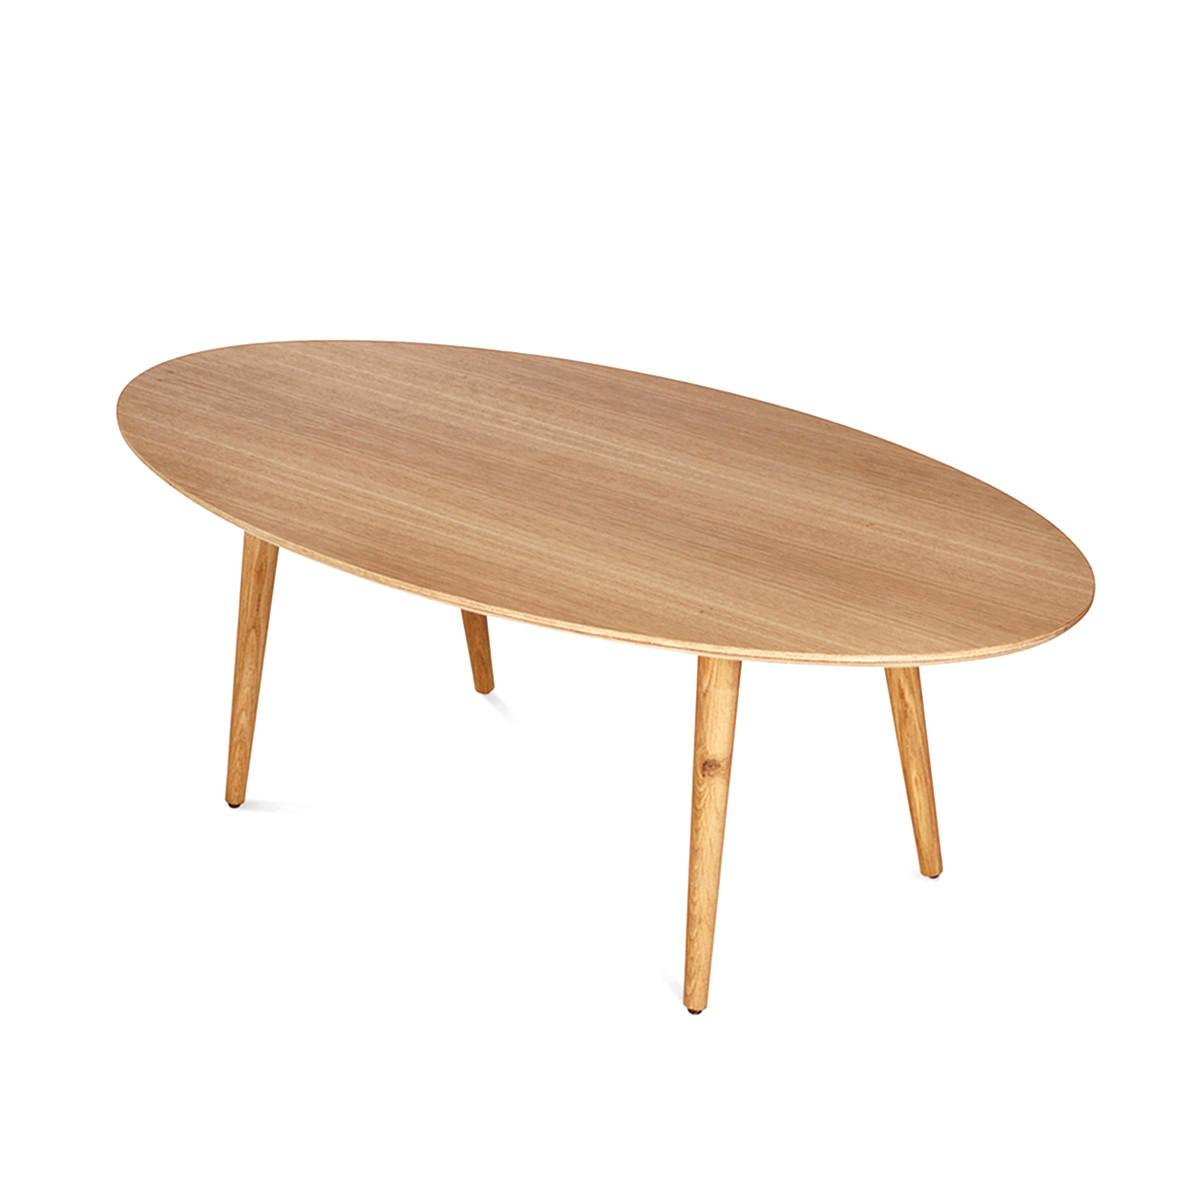 שולחן סלון אליפסה -980 שח